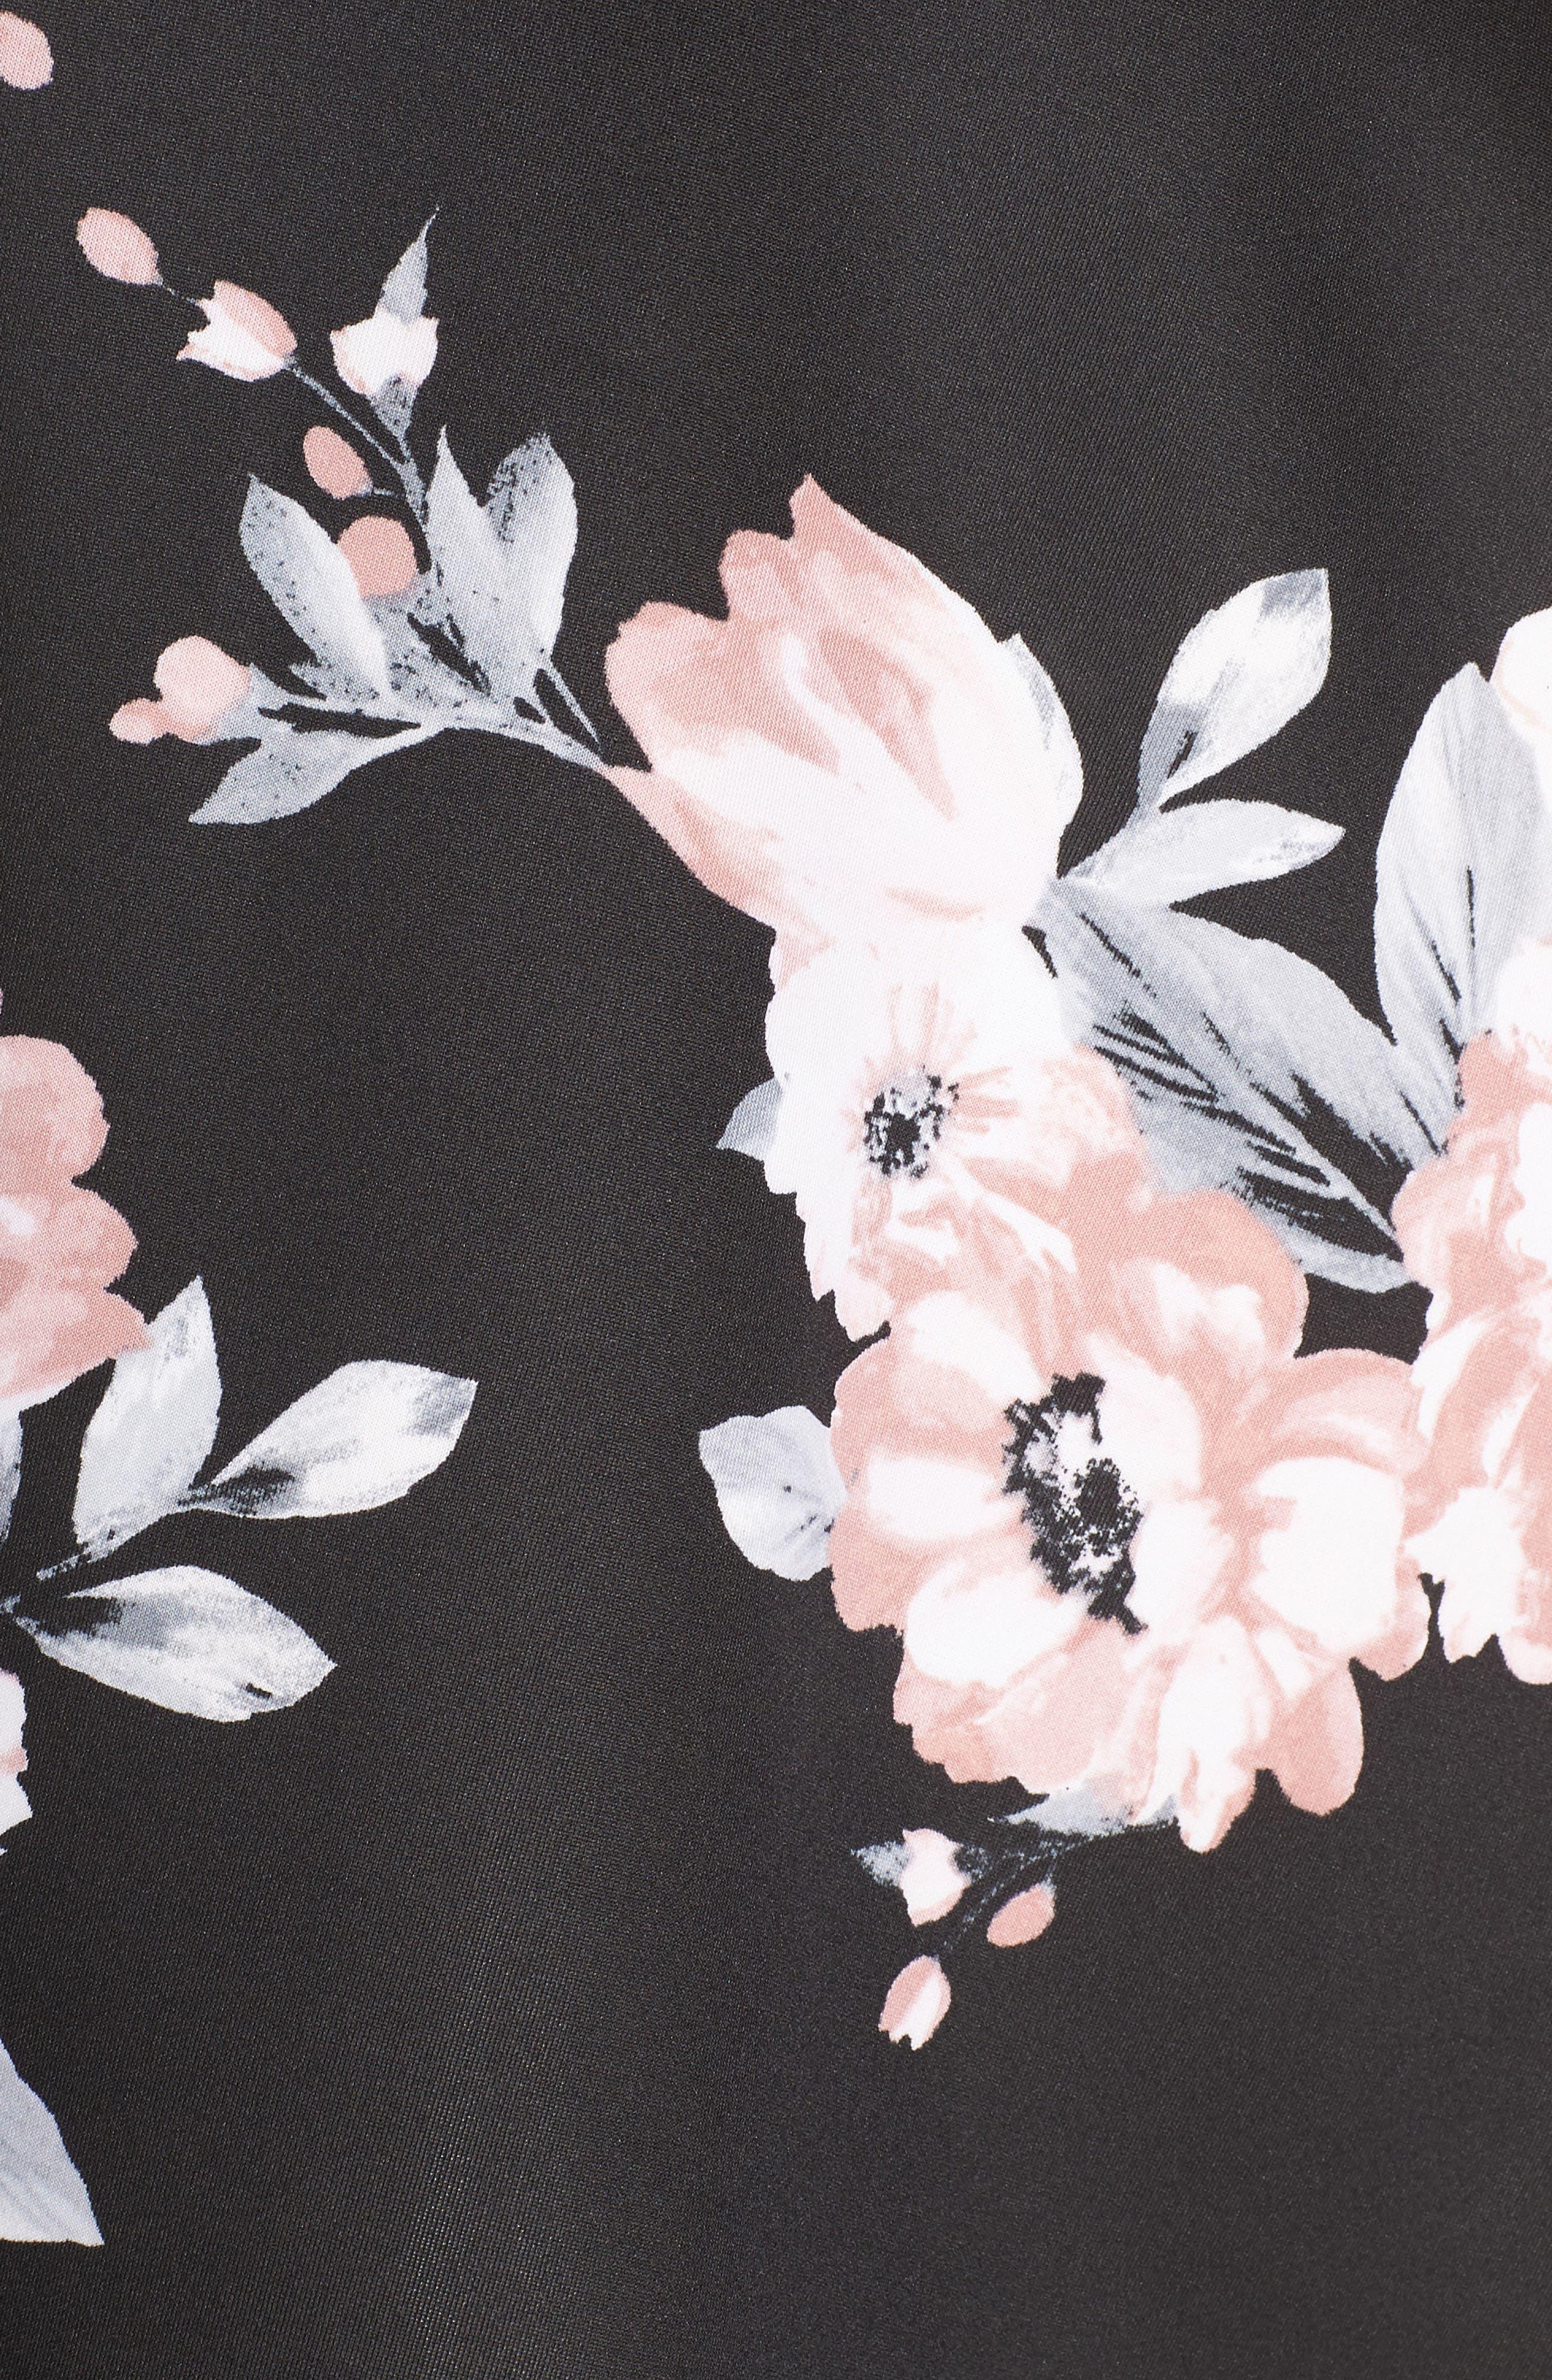 Floral Print Fit & Flare Dress,                             Alternate thumbnail 5, color,                             Black/ Mauve